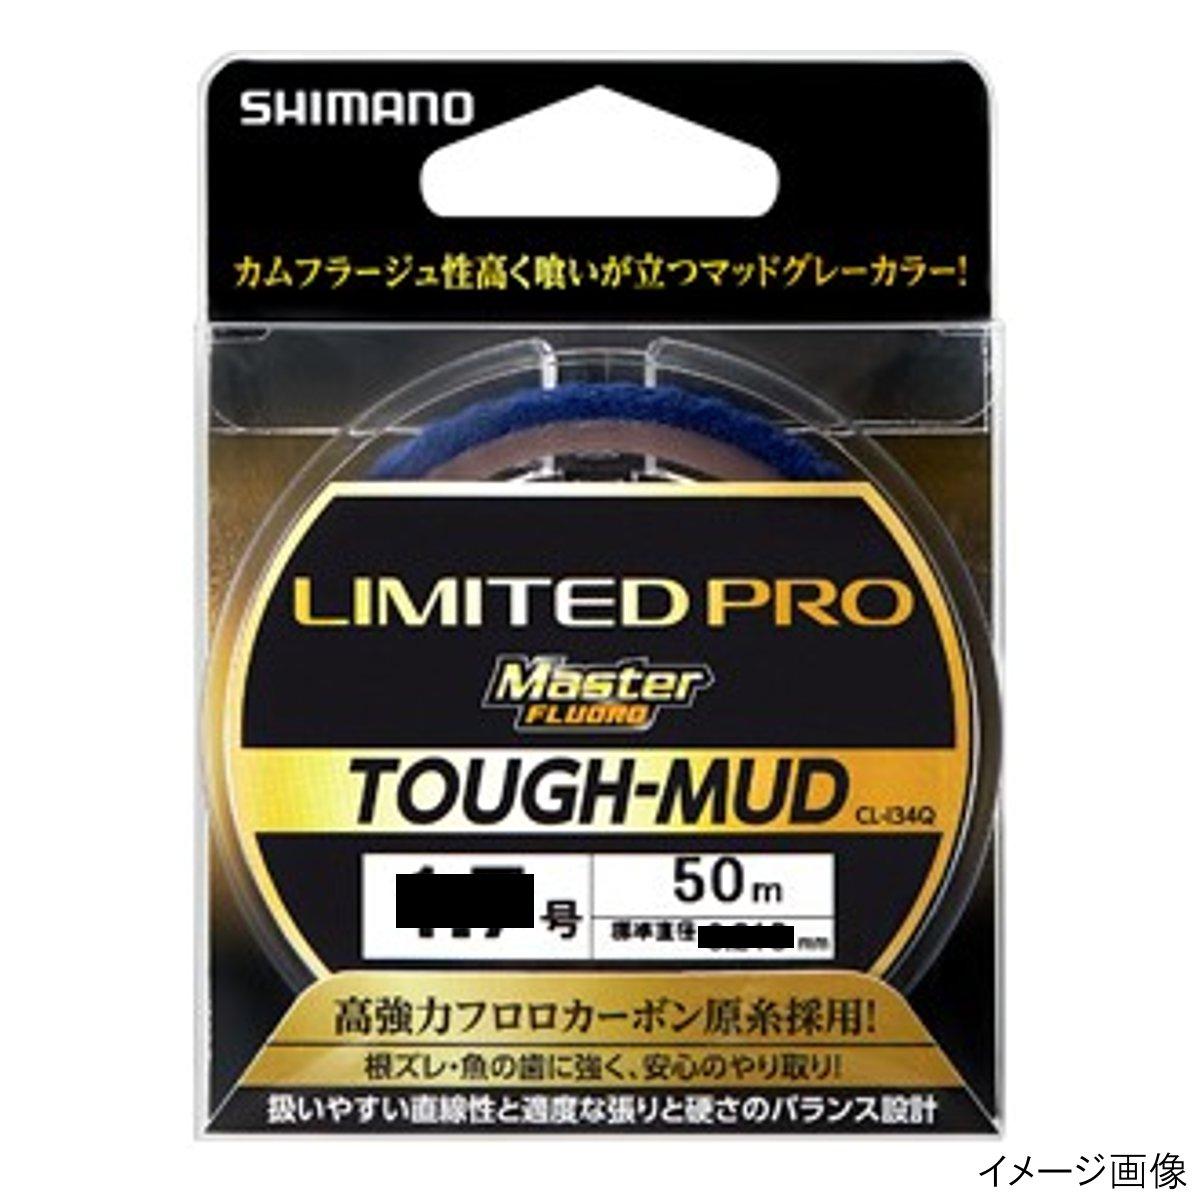 シマノ LIMITED PRO MASTER FLUORO TOUGH-MUD CL-I34Q 50m 1.5号 マッドグレー【ゆうパケット】